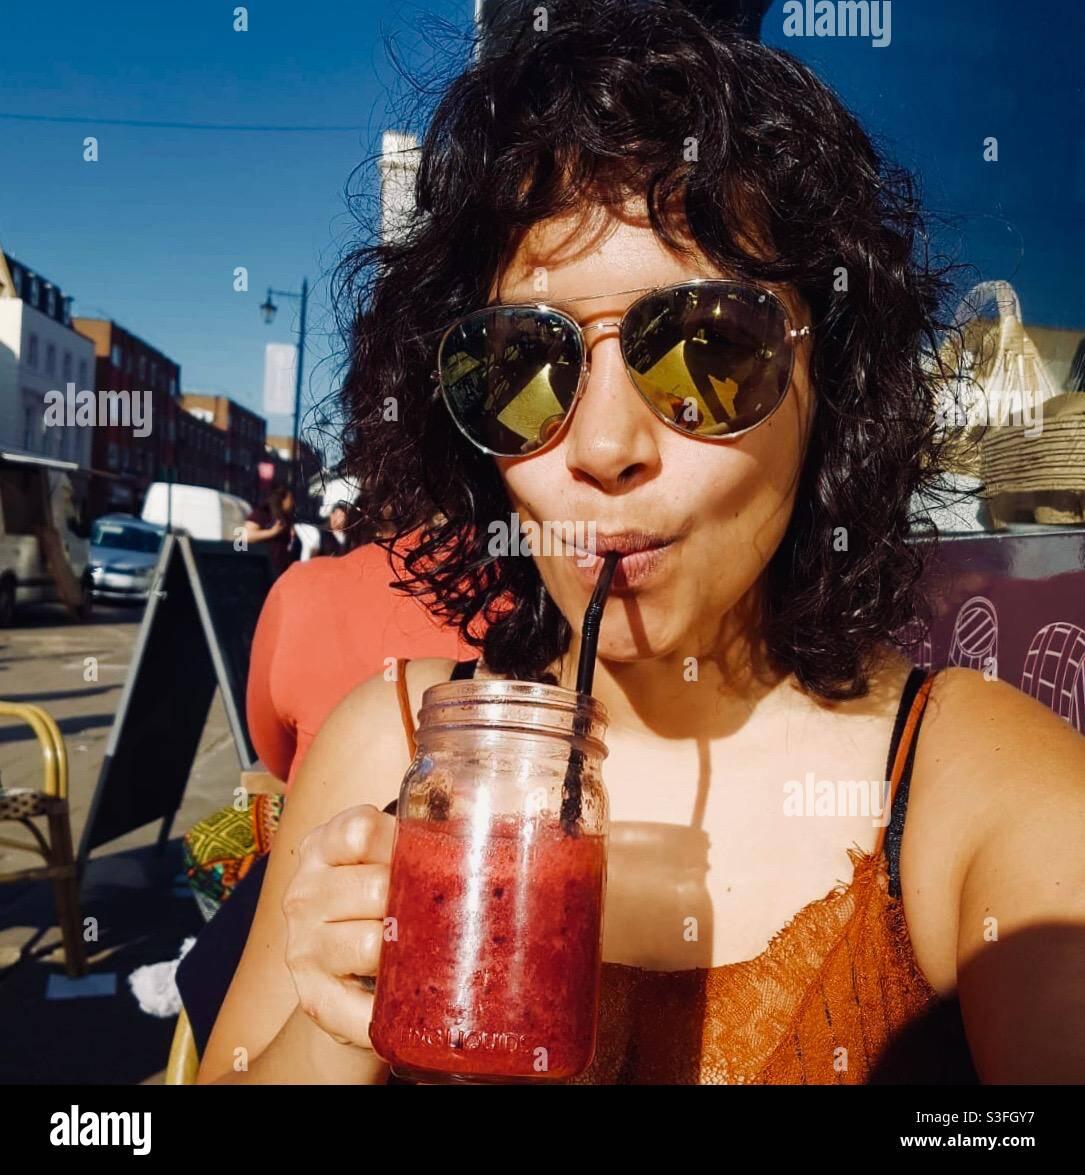 Ragazza dai capelli ricci, grandi occhiali da sole che beve frullato rosso cocktail in un vaso sotto il sole. Foto Stock